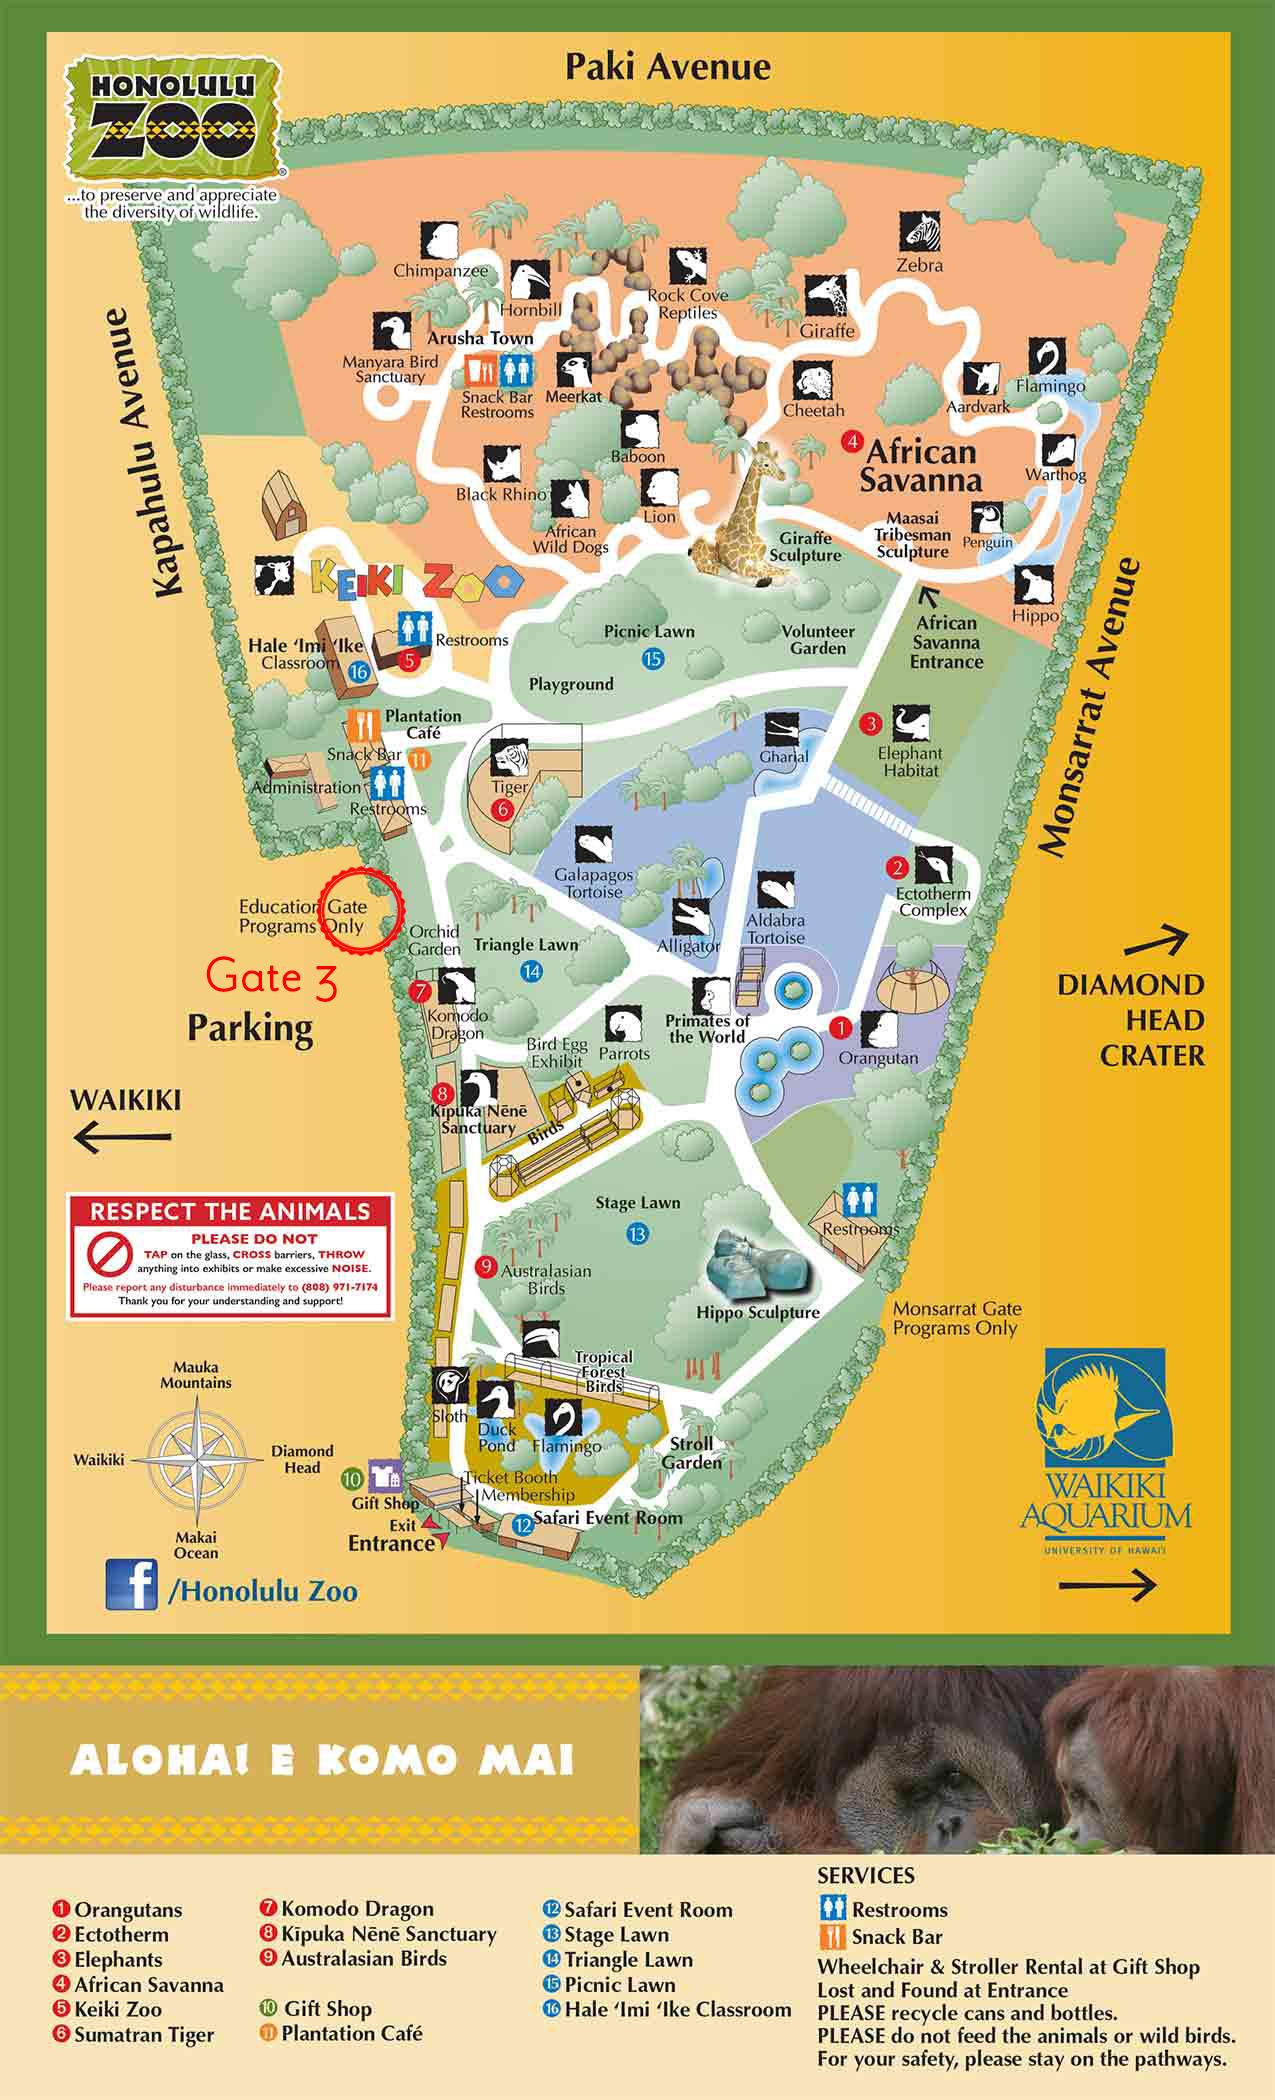 honolulu-zoo-map